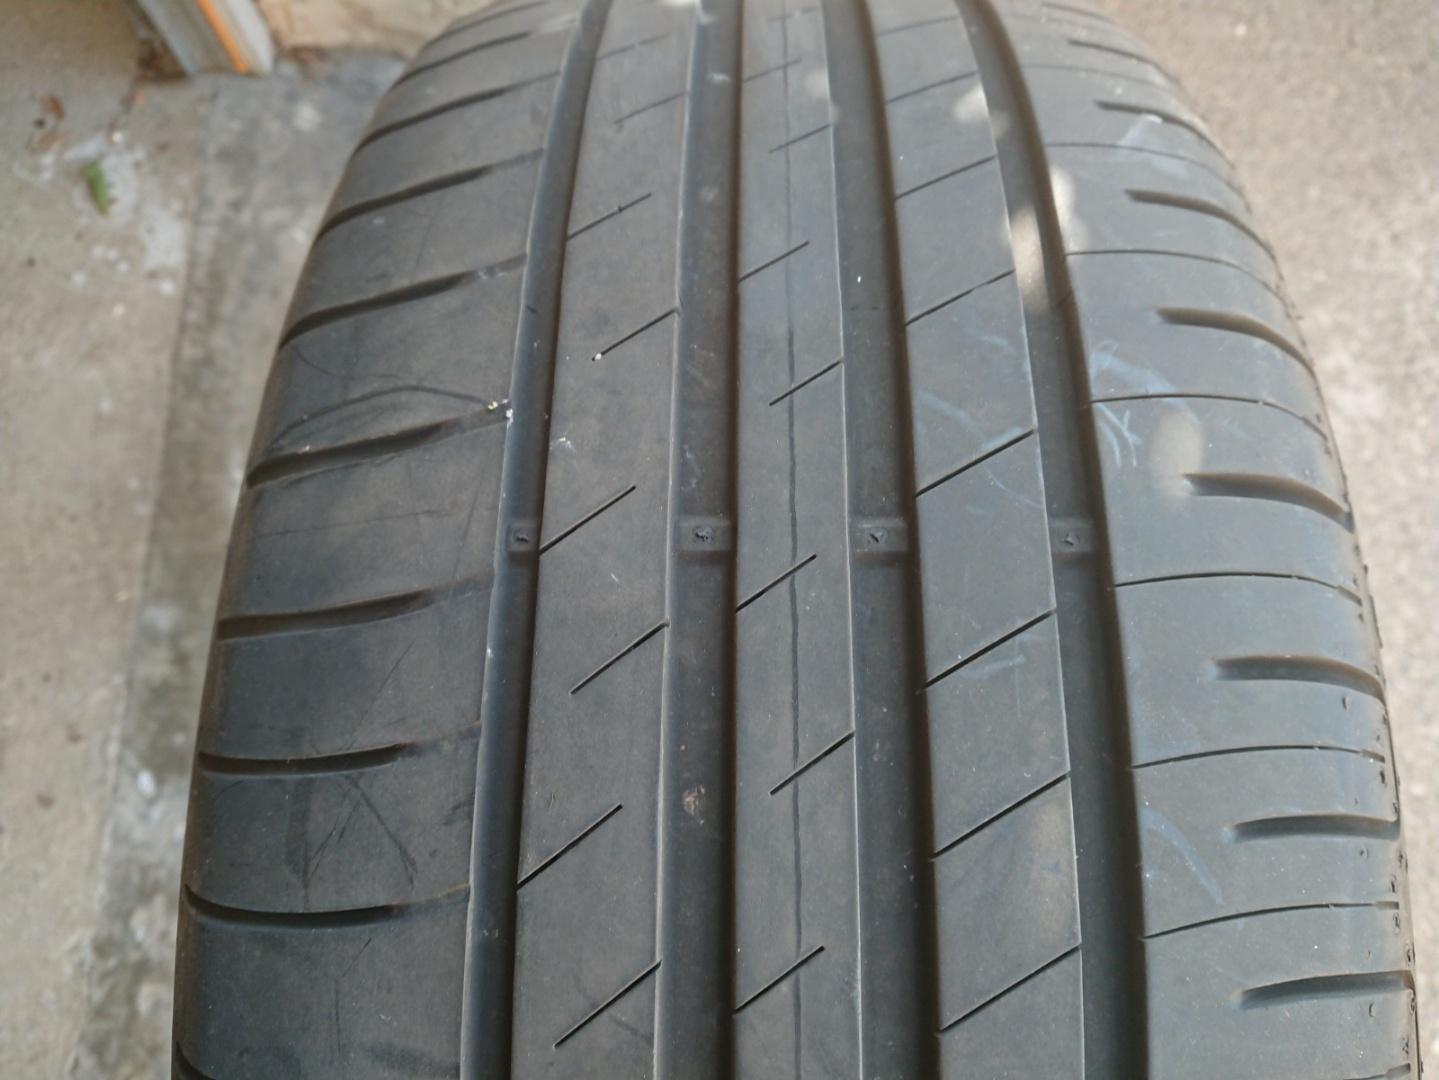 troc de troc 2 pneus good year efficient grip 225/55r17 image 1